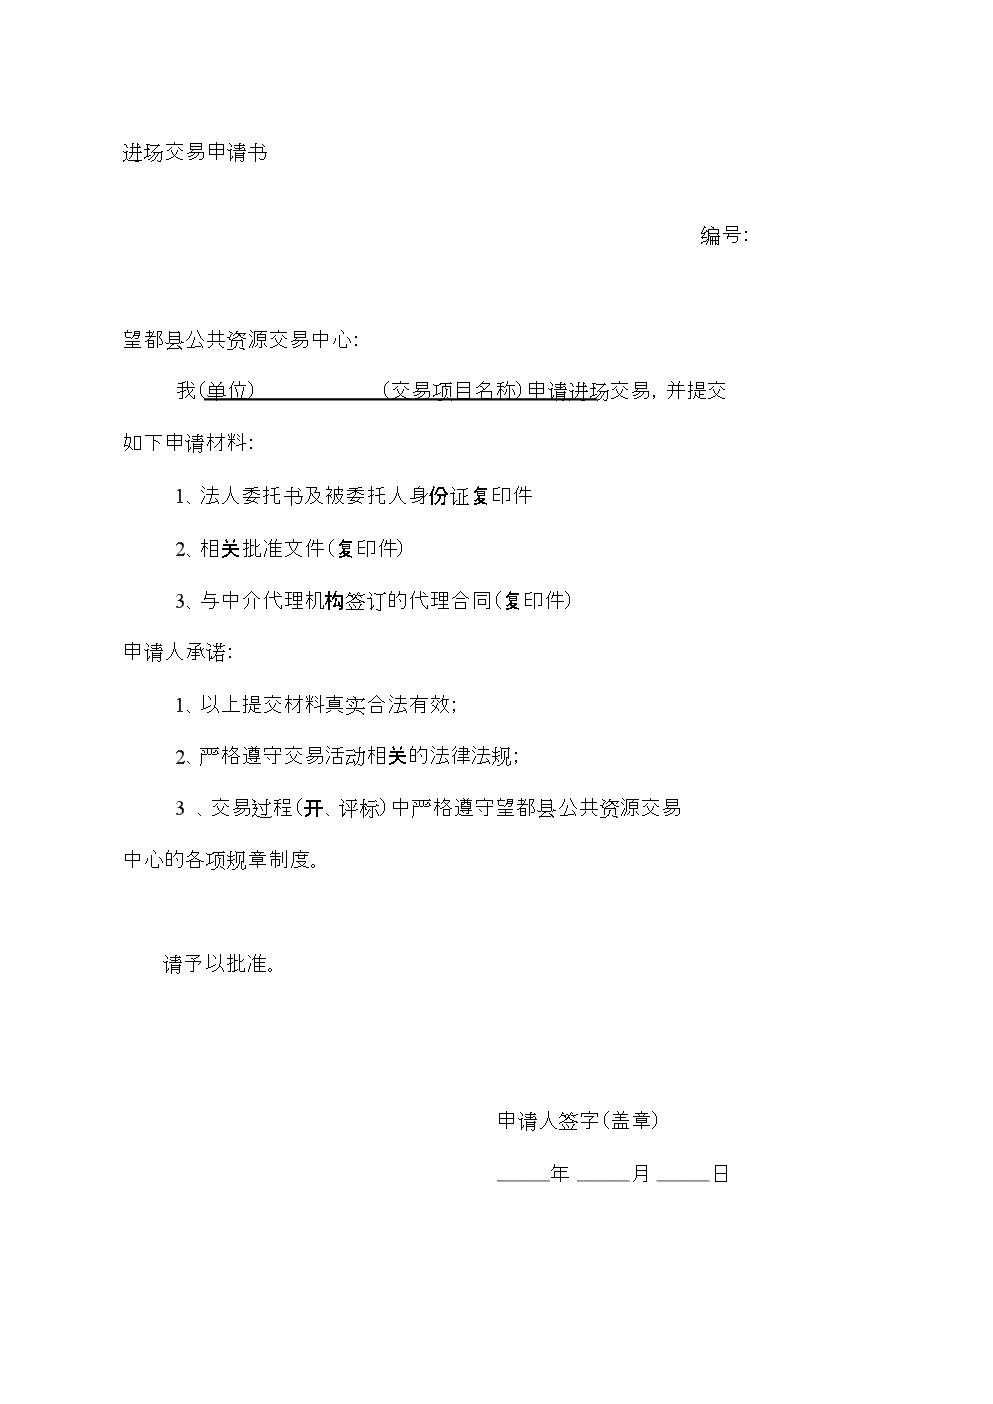 交易中心项目进场交易申请资料.docx